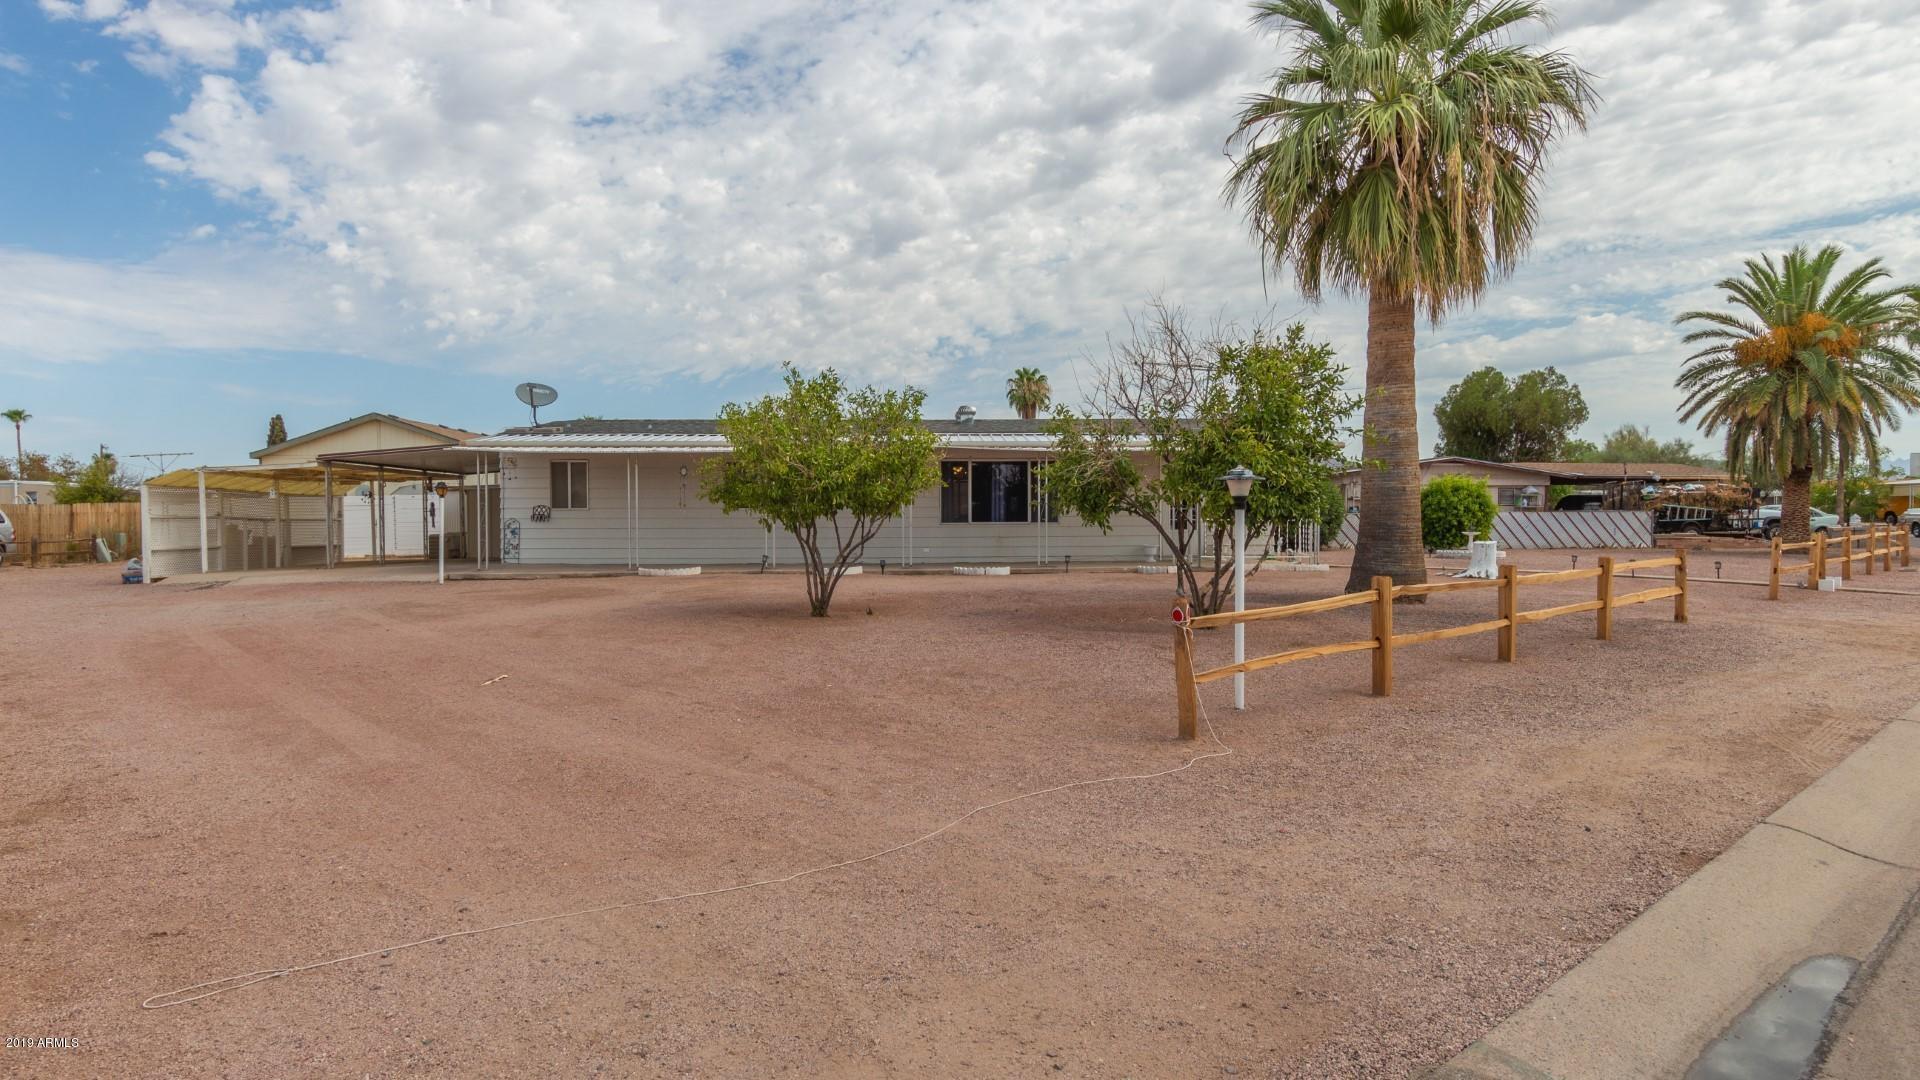 Photo of 816 S ESPERANZA Avenue, Mesa, AZ 85208